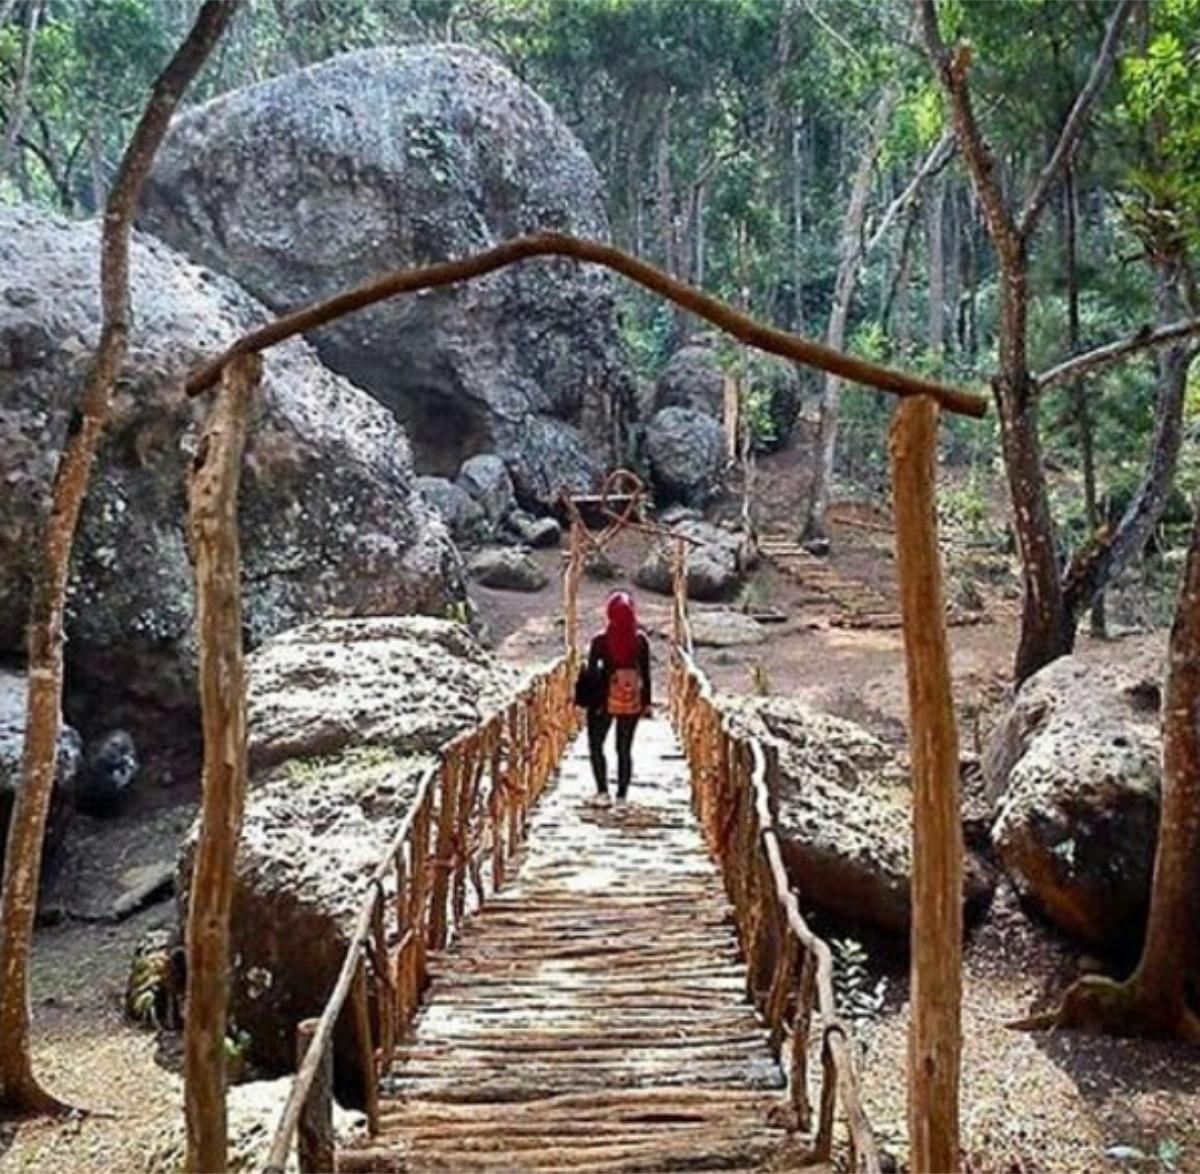 Tempat Wisata Rumah Hobbit Di Jogja - Tempat Wisata Indonesia